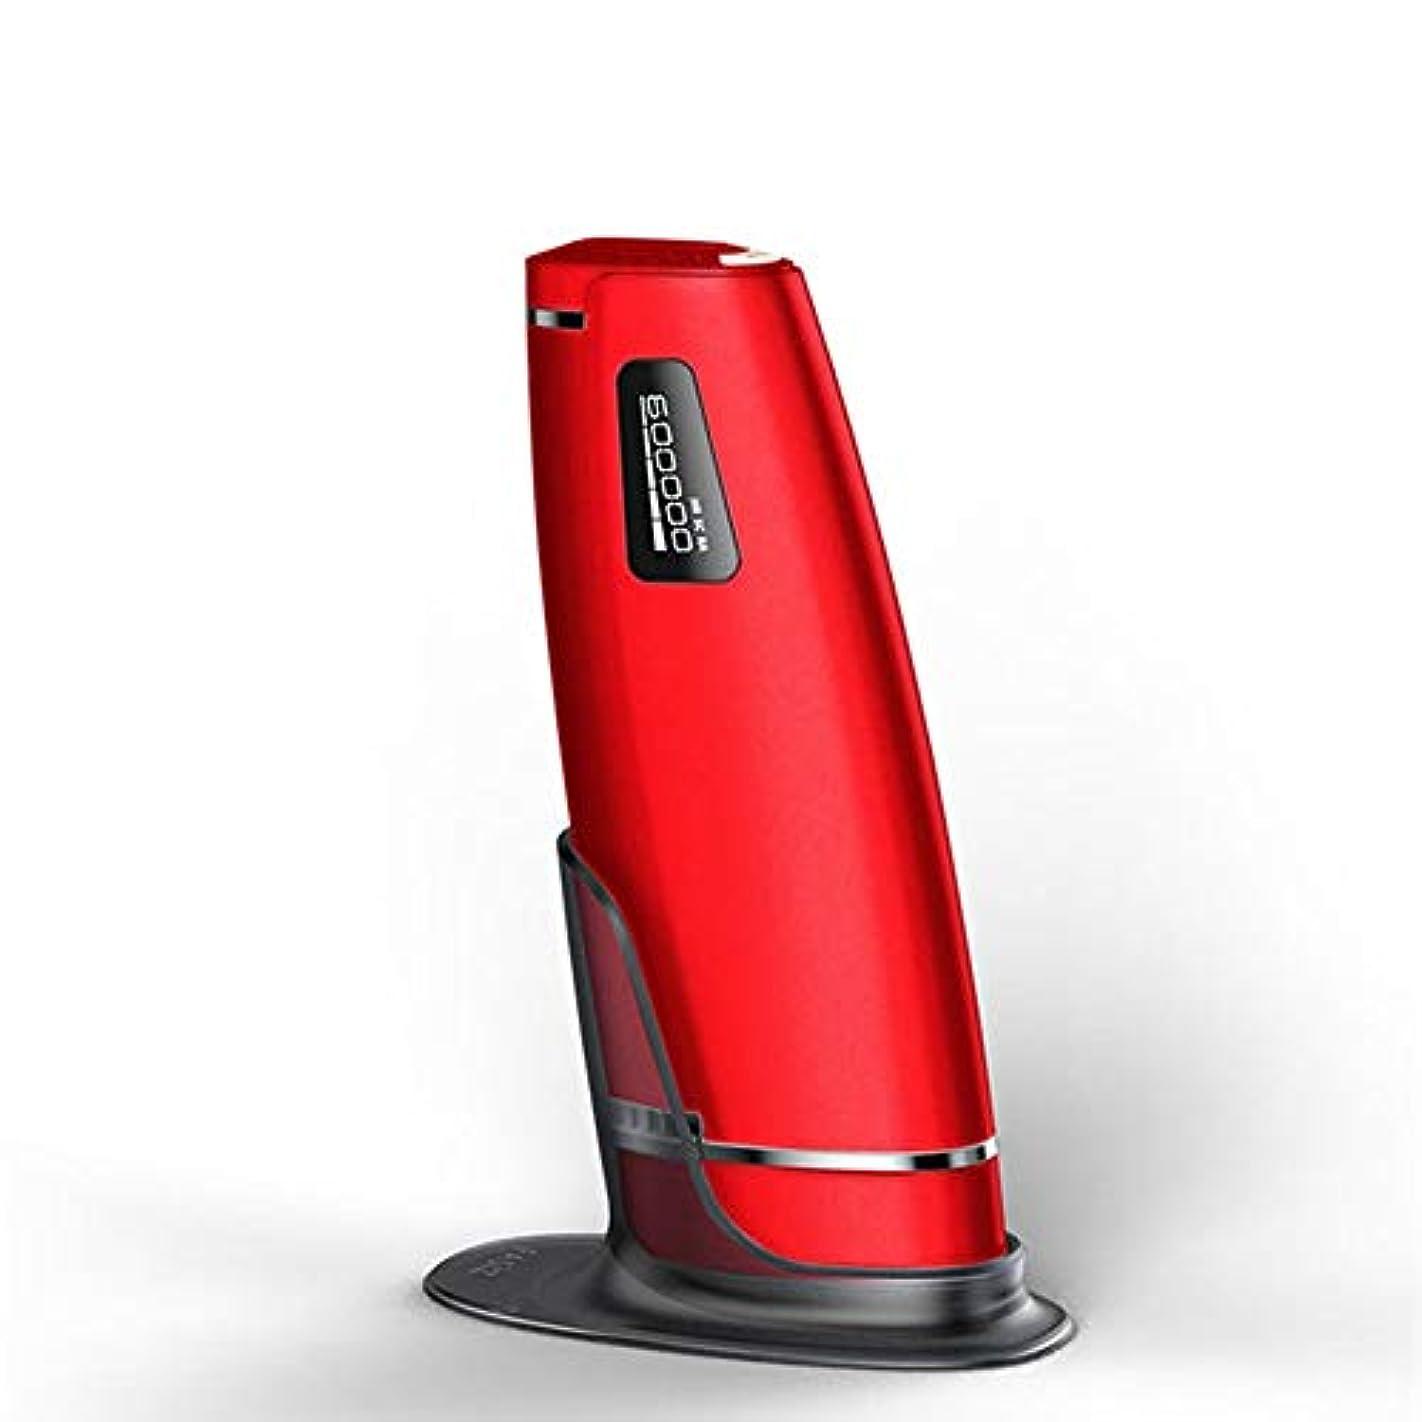 王室因子フリルXihouxian 赤、デュアルモード、ホームオートマチック無痛脱毛剤、携帯用永久脱毛剤、5スピード調整、サイズ20.5 X 4.5 X 7 Cm D40 (Color : Red)